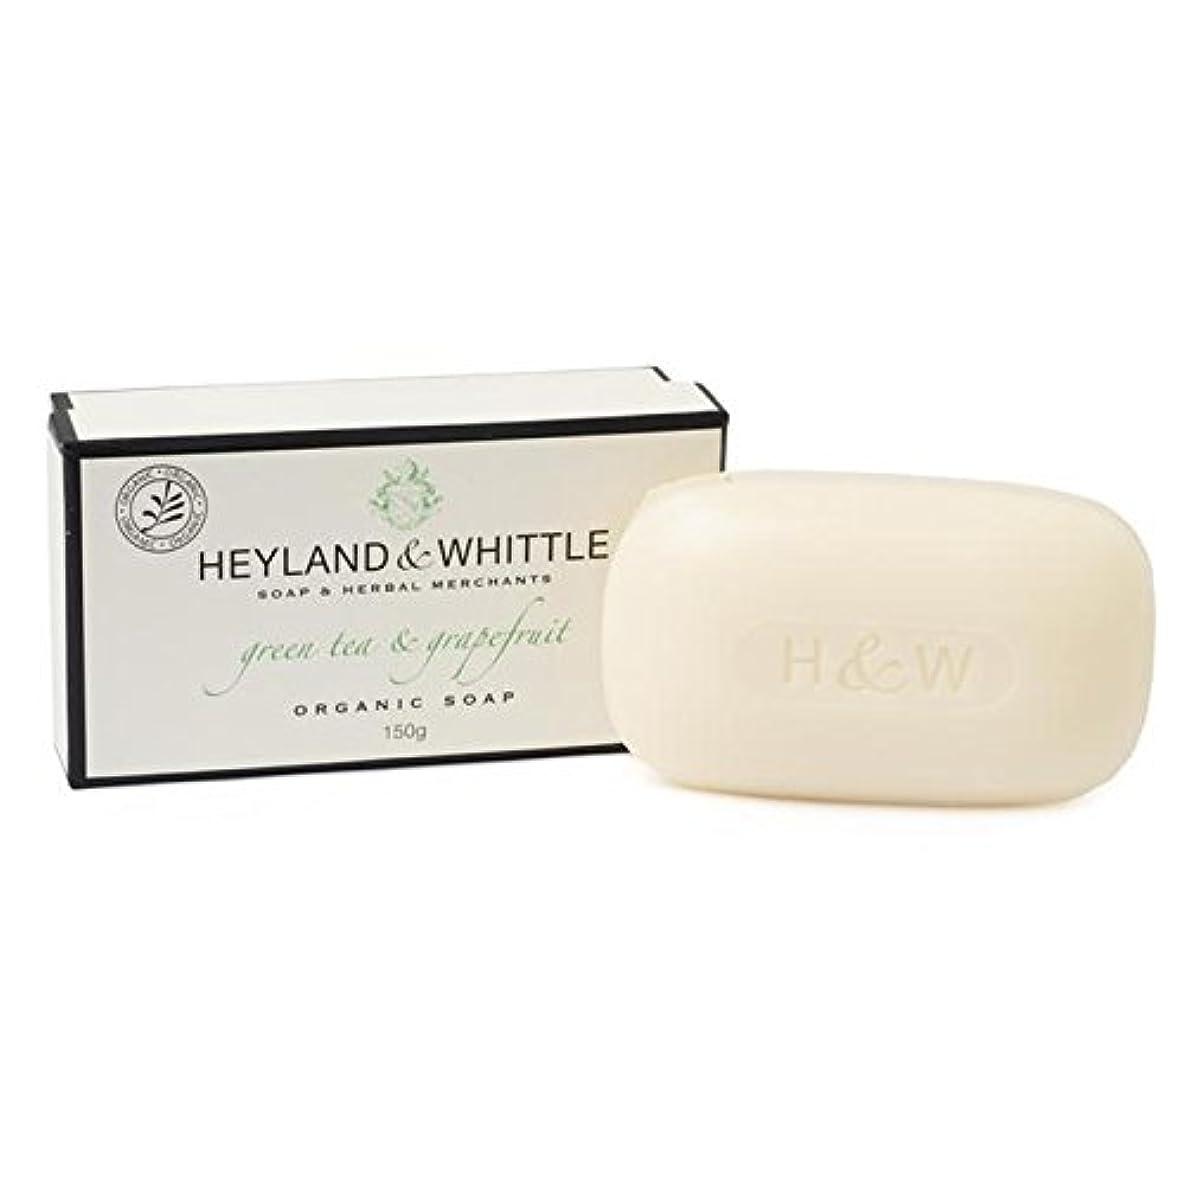 レンジ南極失うHeyland & Whittle Green Tea & Grapefruit Boxed Organic Soap 150g - &削る緑茶&グレープフルーツはオーガニックソープ150グラム箱入り [並行輸入品]